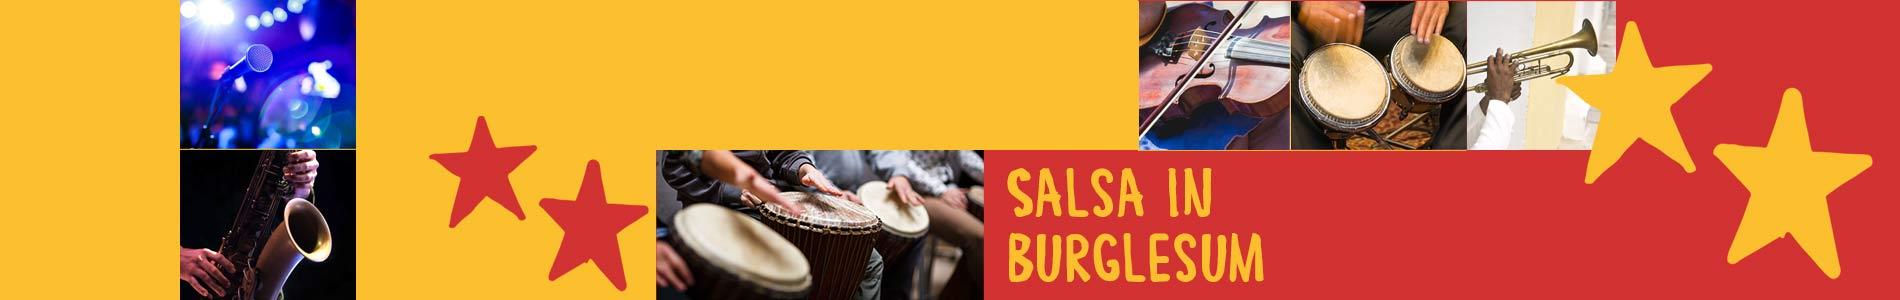 Salsa in Burglesum – Salsa lernen und tanzen, Tanzkurse, Partys, Veranstaltungen